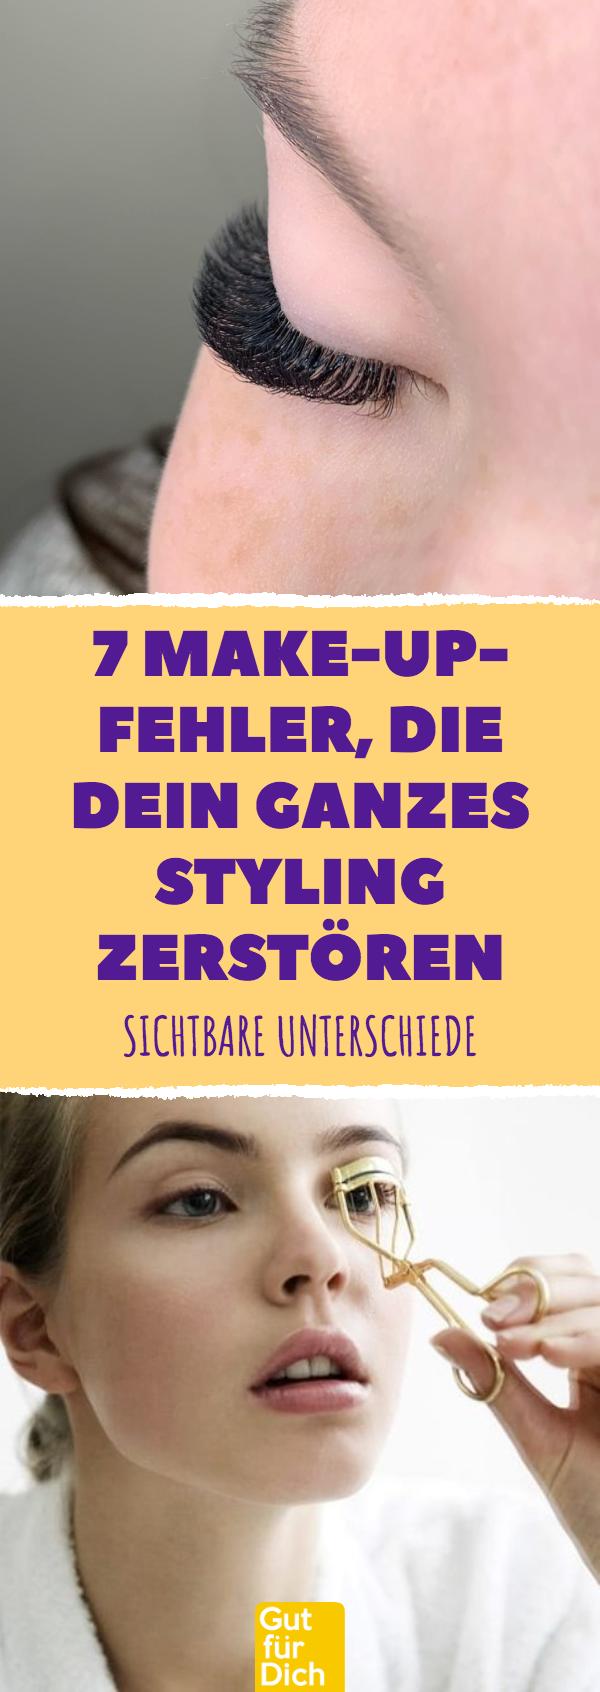 Mein Blog – Mein WordPress-Blog – 7 Make-up-Fehler, die all Ihr Styling zeigen ….